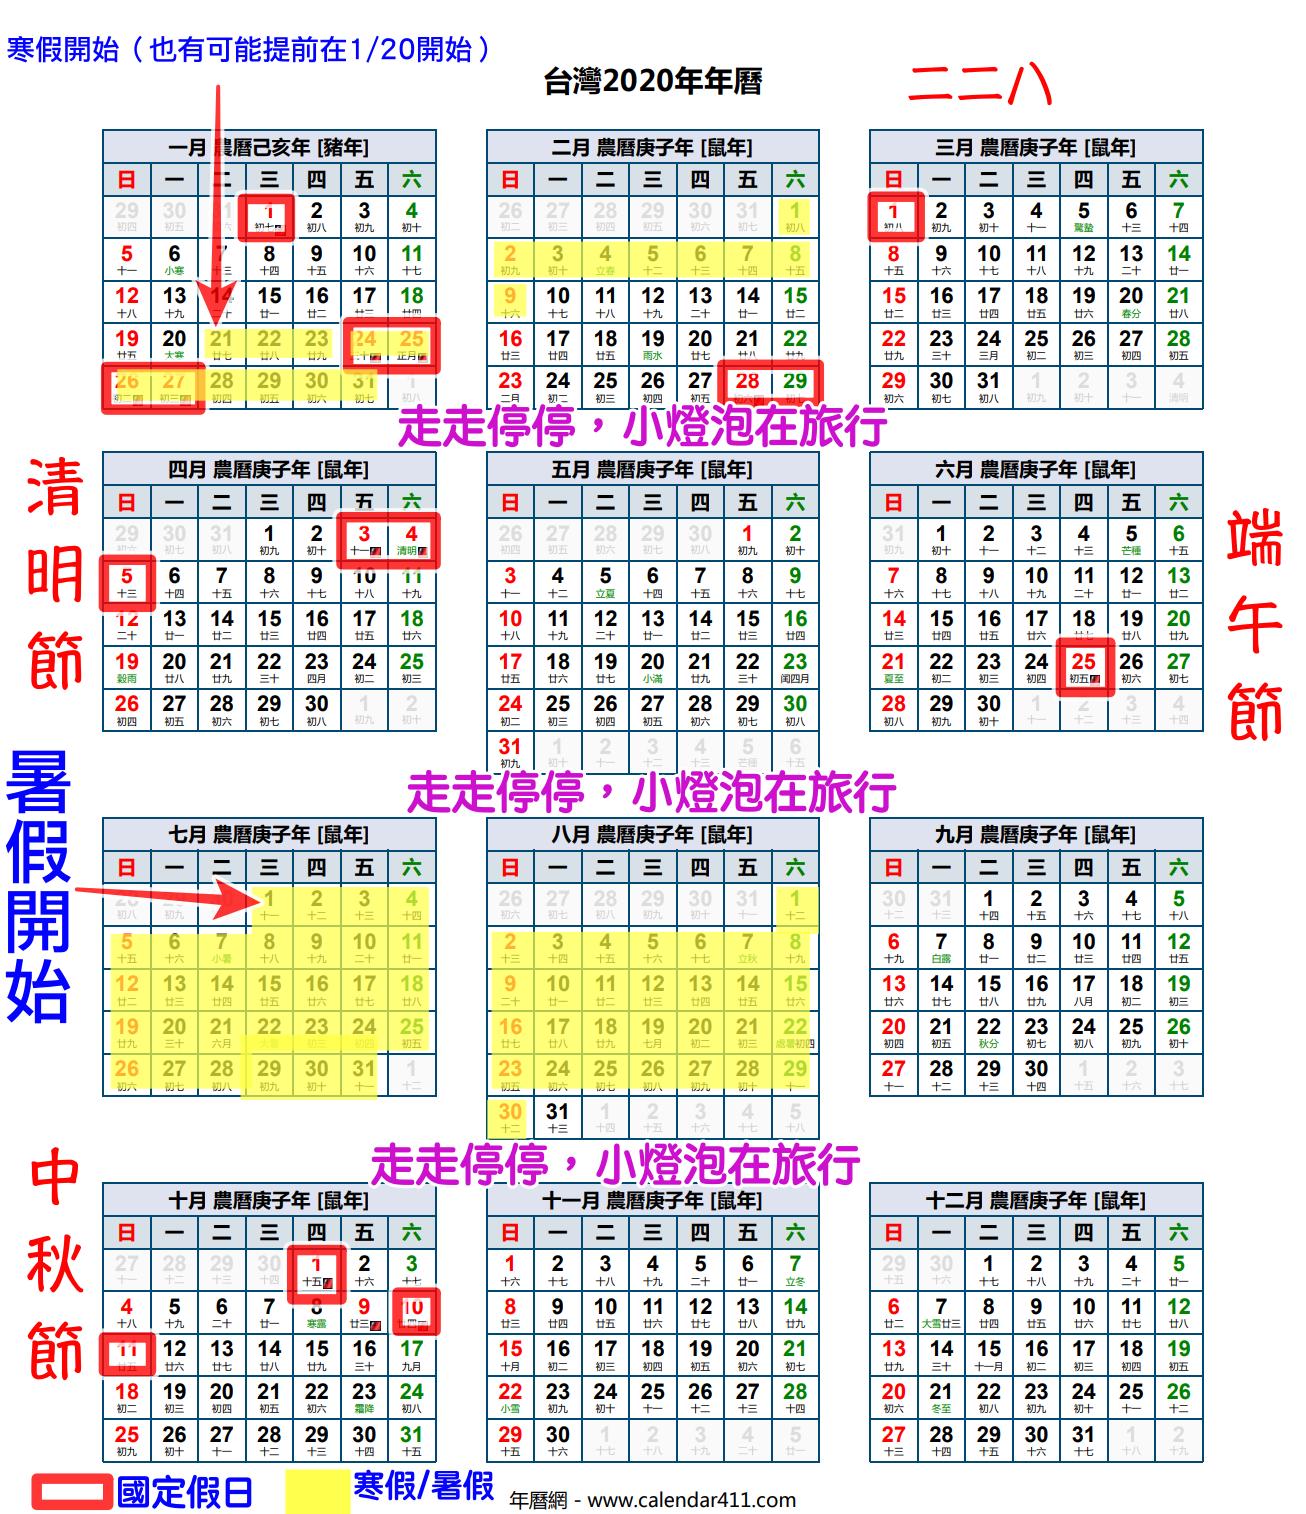 2020年行事曆